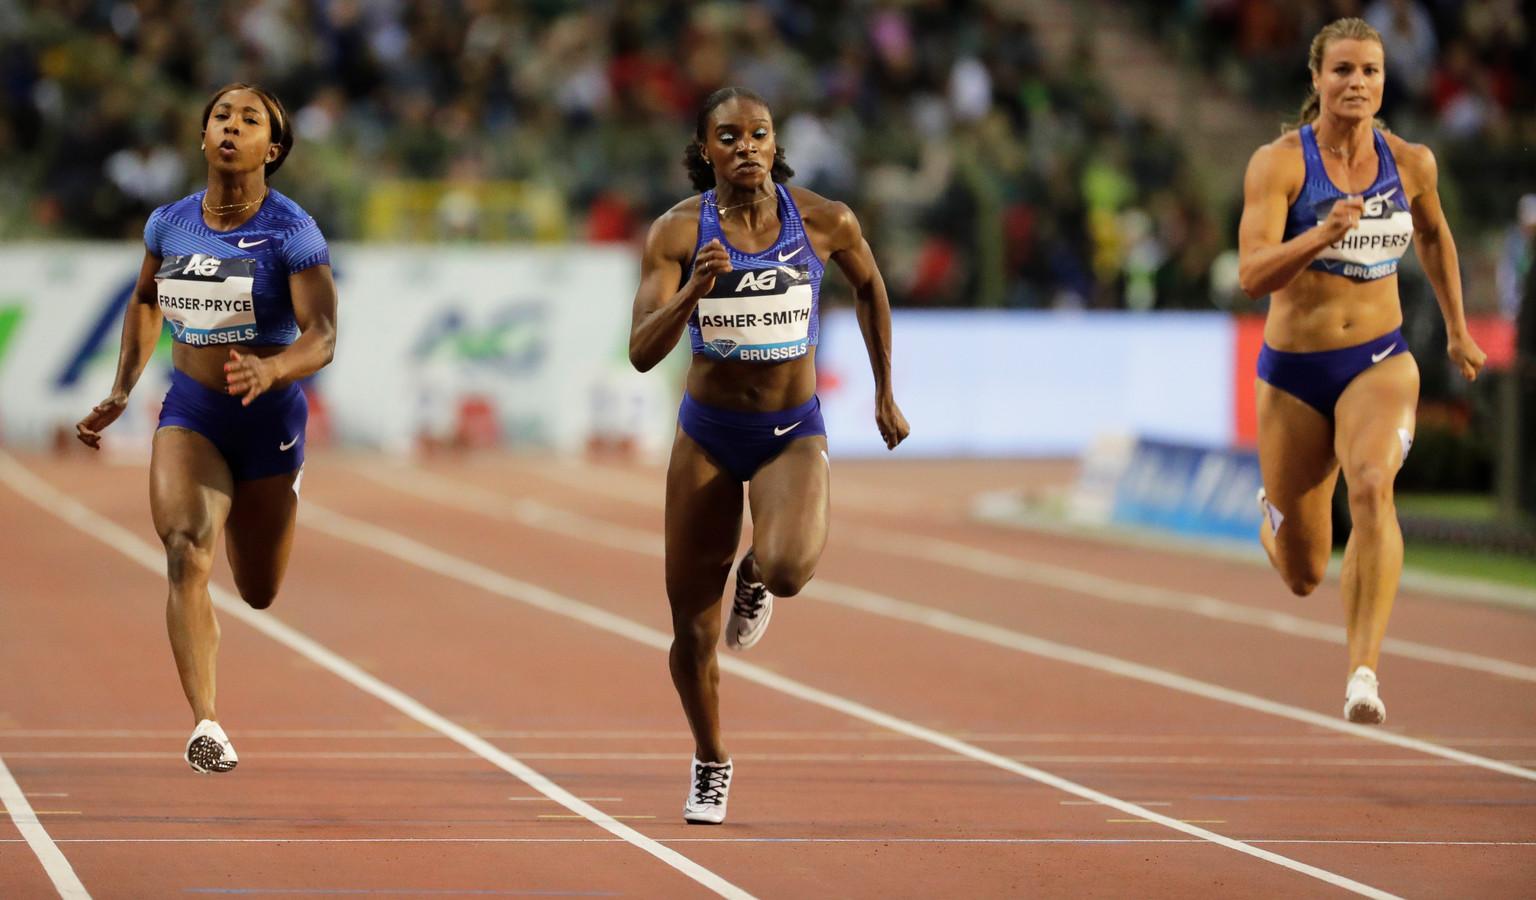 Dina Asher-Smith (midden) snelt naar de zege, rechts Dafne Schippers.